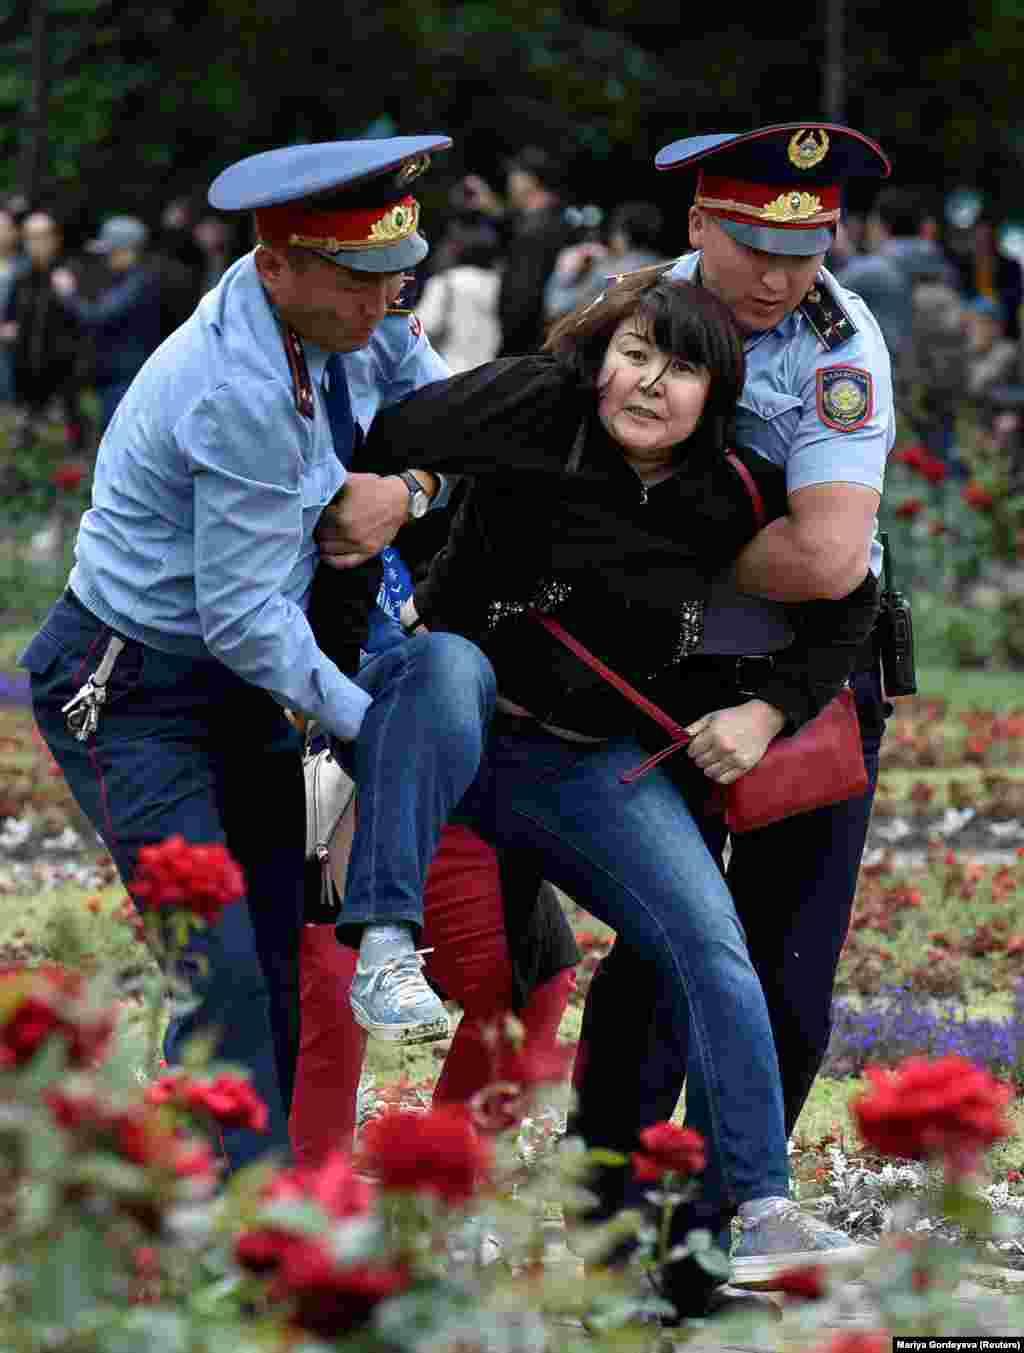 Полиция алаңға келгендердің бірін әкетіп барады. Ұсталғандар арасында Азаттық тілшісі Петр Троценко мен Vlast.kz журналисі бар. Алматы, 9 маусым 2019 жыл.